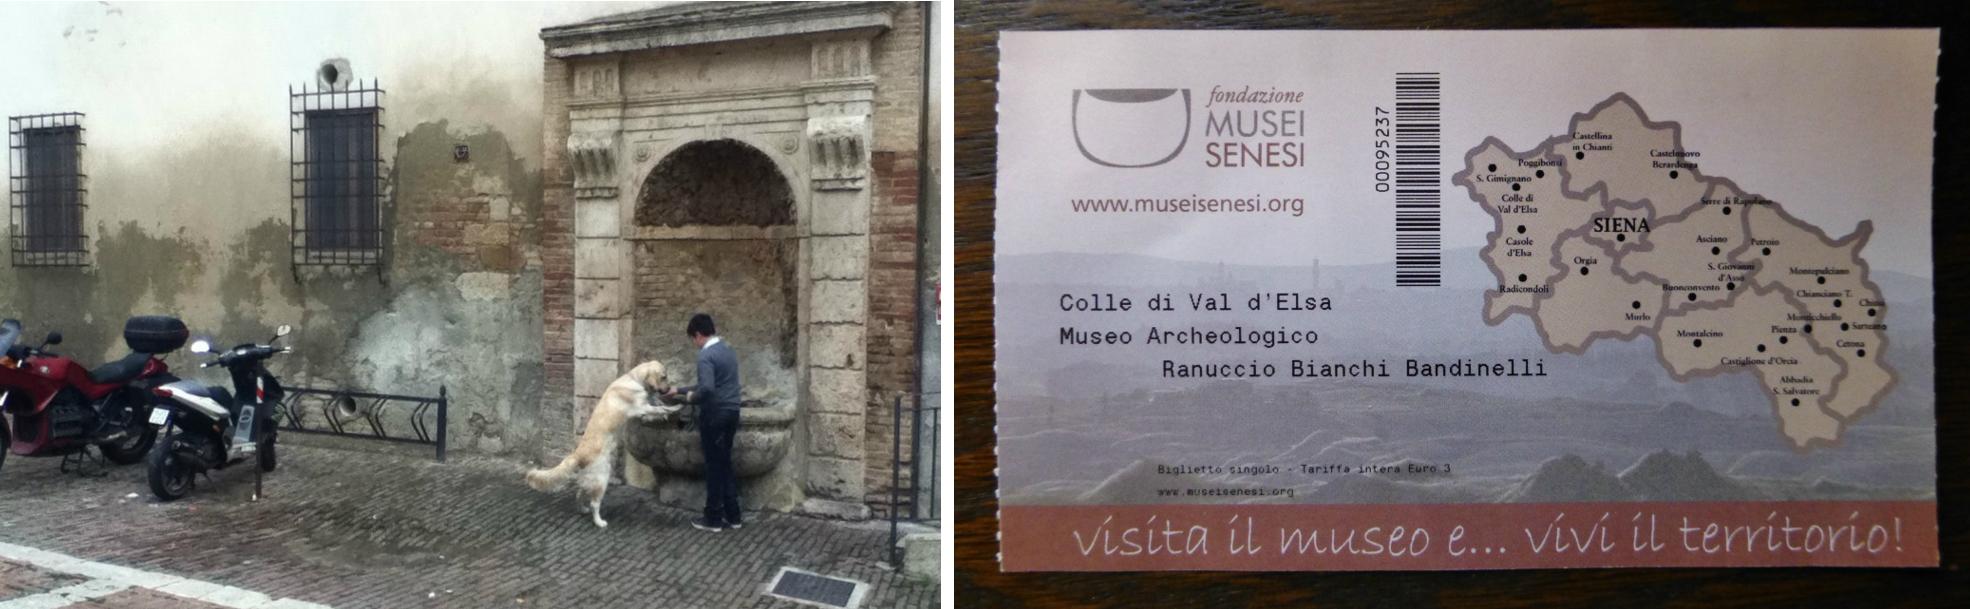 Italy - Colle di val dElsa - Museum - 3.1